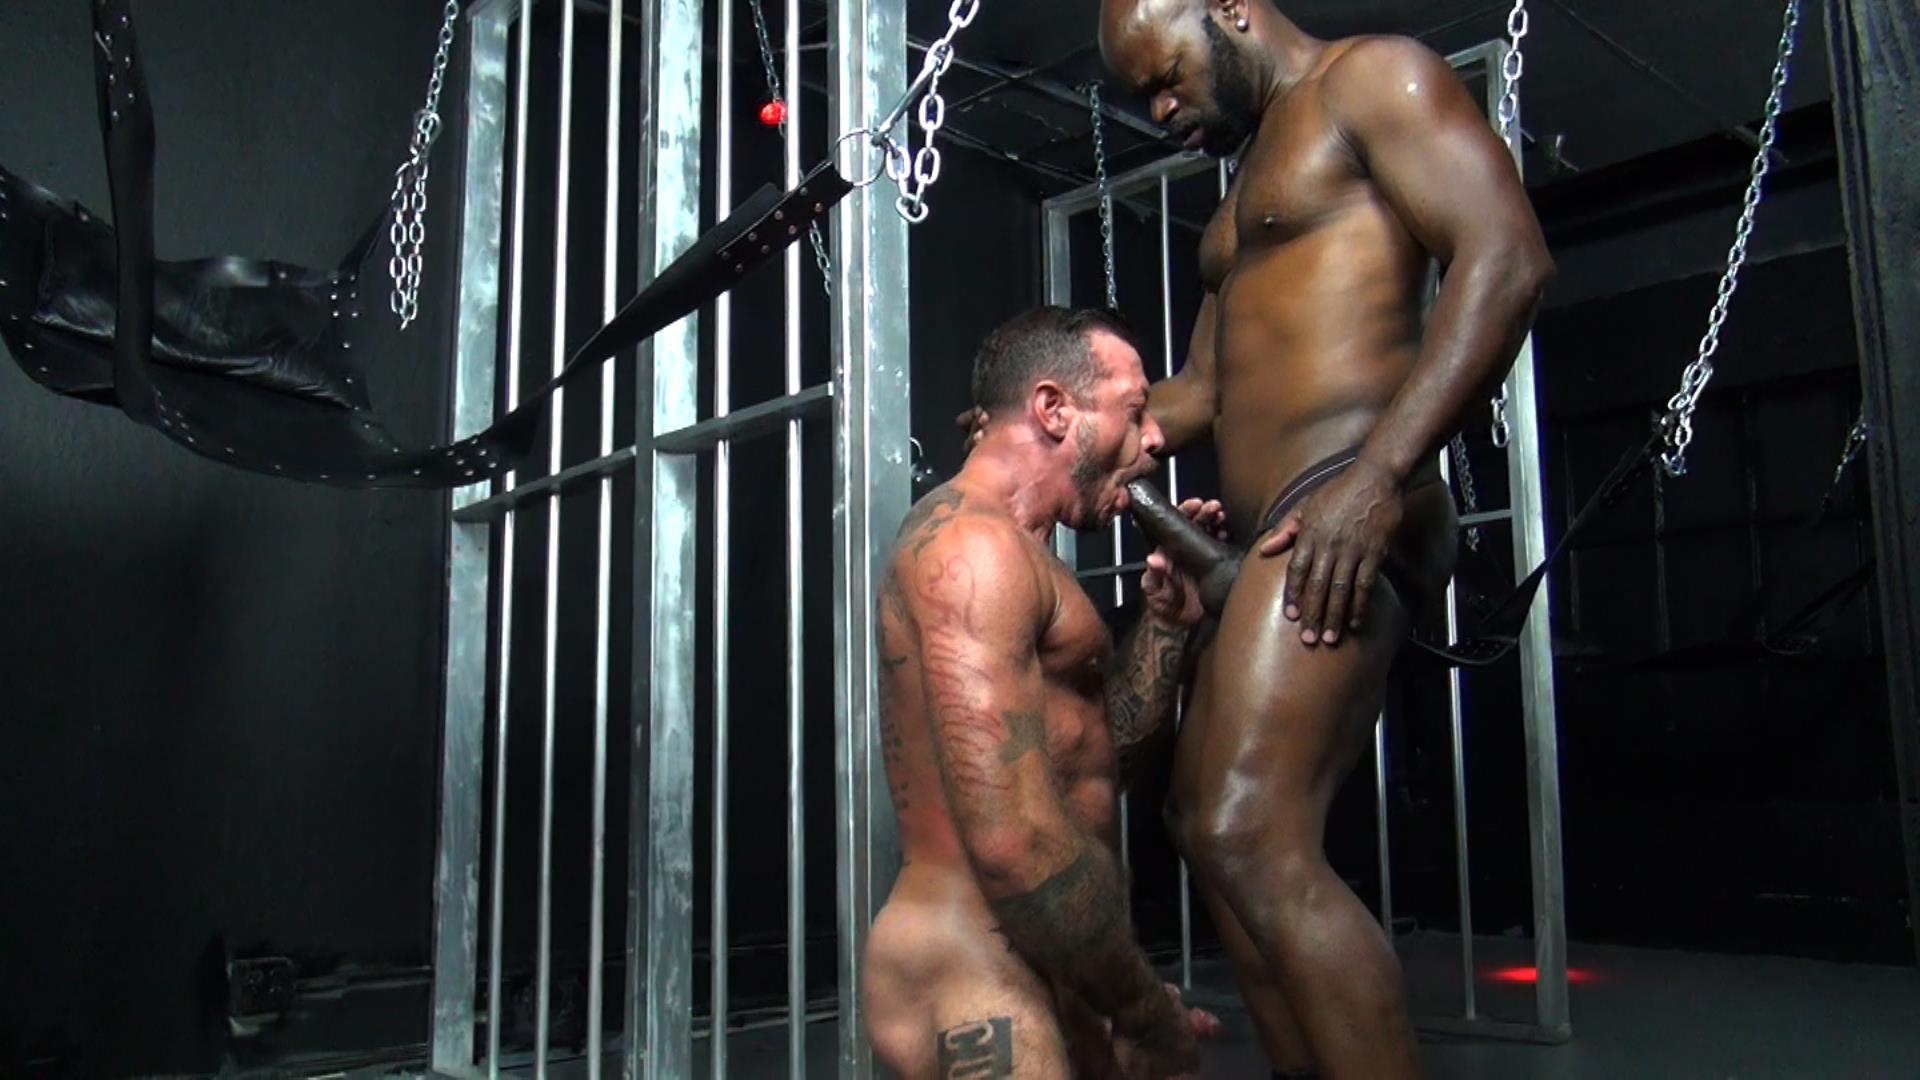 Club sex muscle gay big boy underwear 4